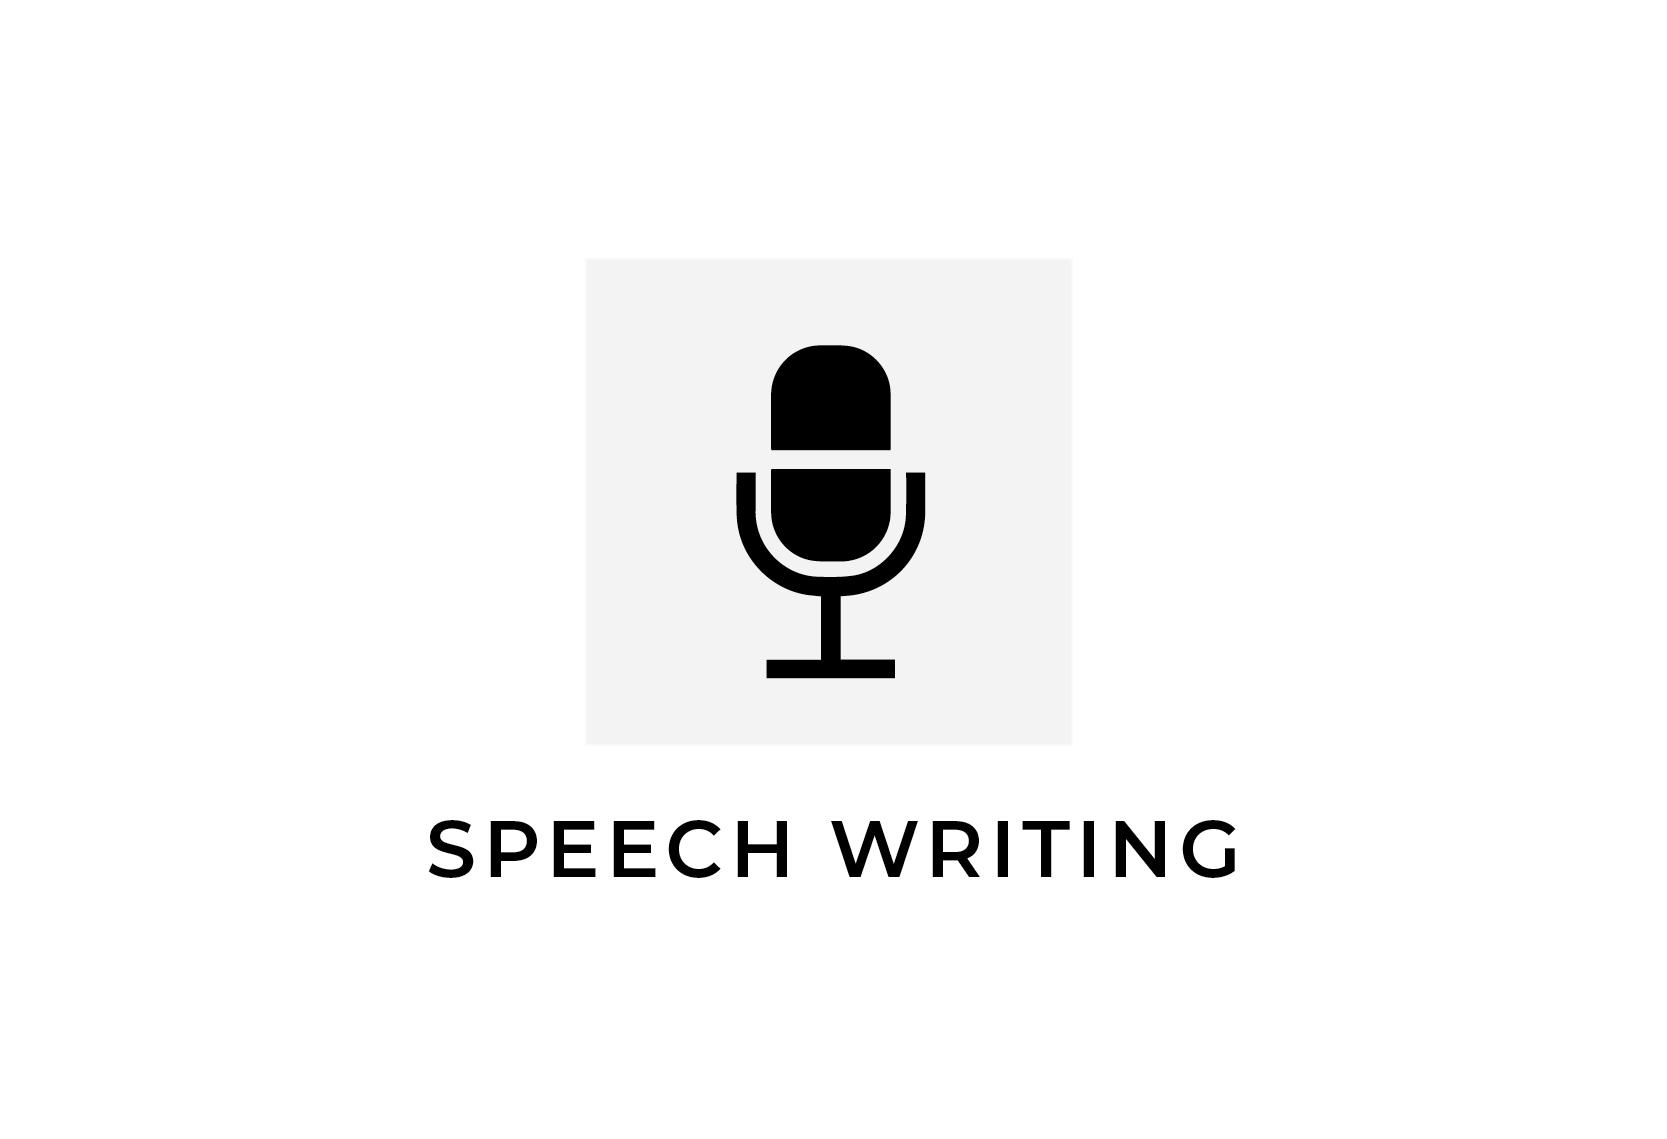 SpeechWriting.jpg